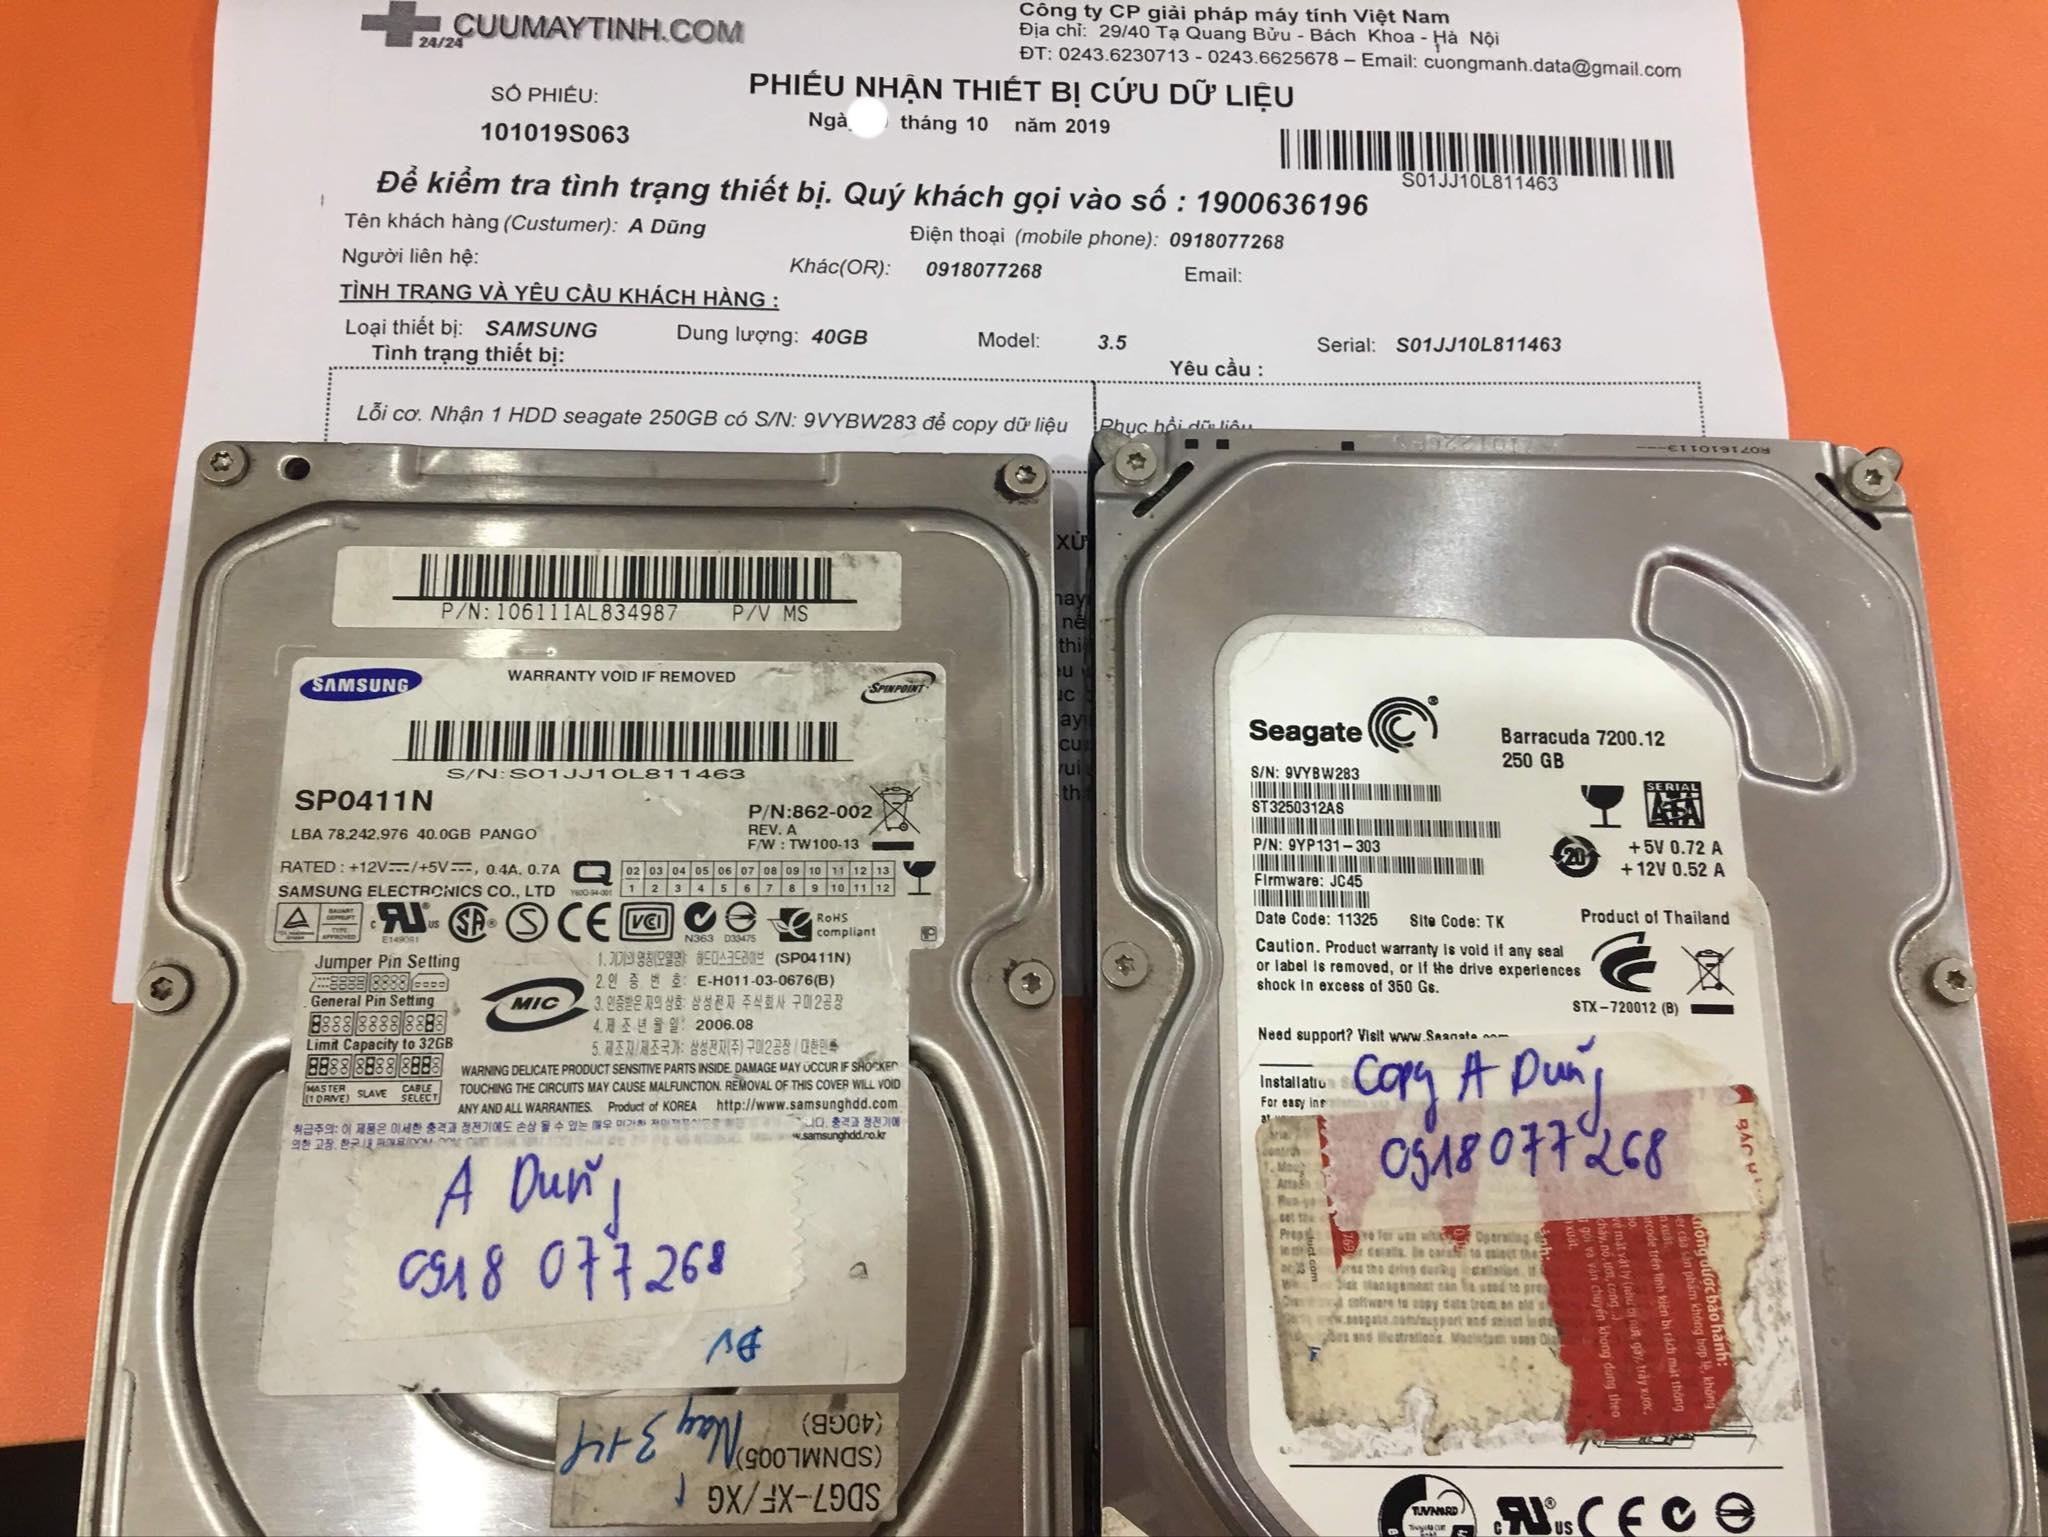 Cứu dữ liệu ổ cứng Samsung 40GB lỗi cơ 31/10/2019 - cuumaytinh